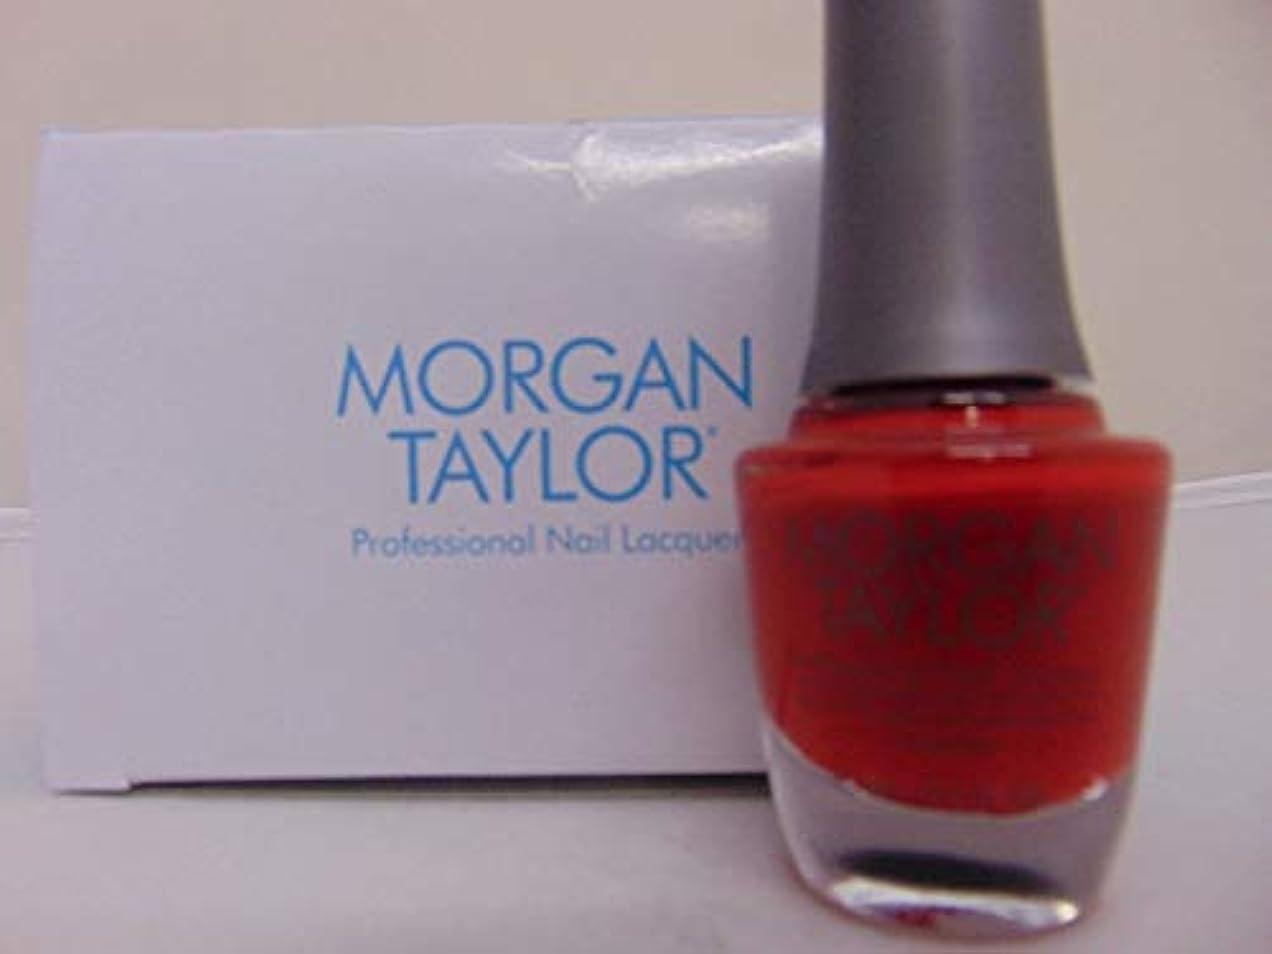 セメント半径元気なMorgan Taylor - Professional Nail Lacquer - Scandalous - 15 mL / 0.5oz